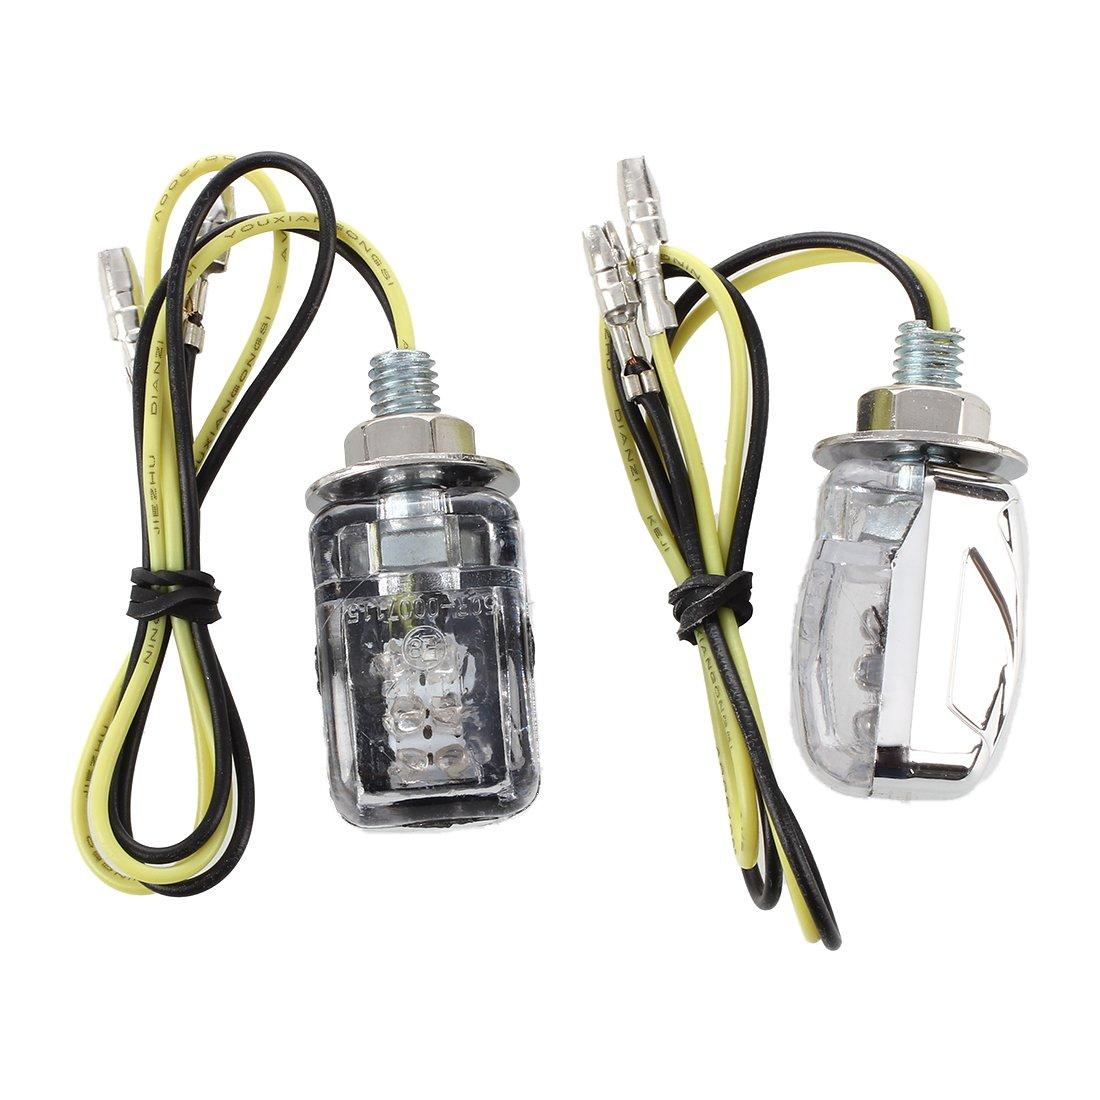 SODIAL(R) 2 Motorcycle Motorbike Amber LED Turn Signal Light Bulb Indicator 12V